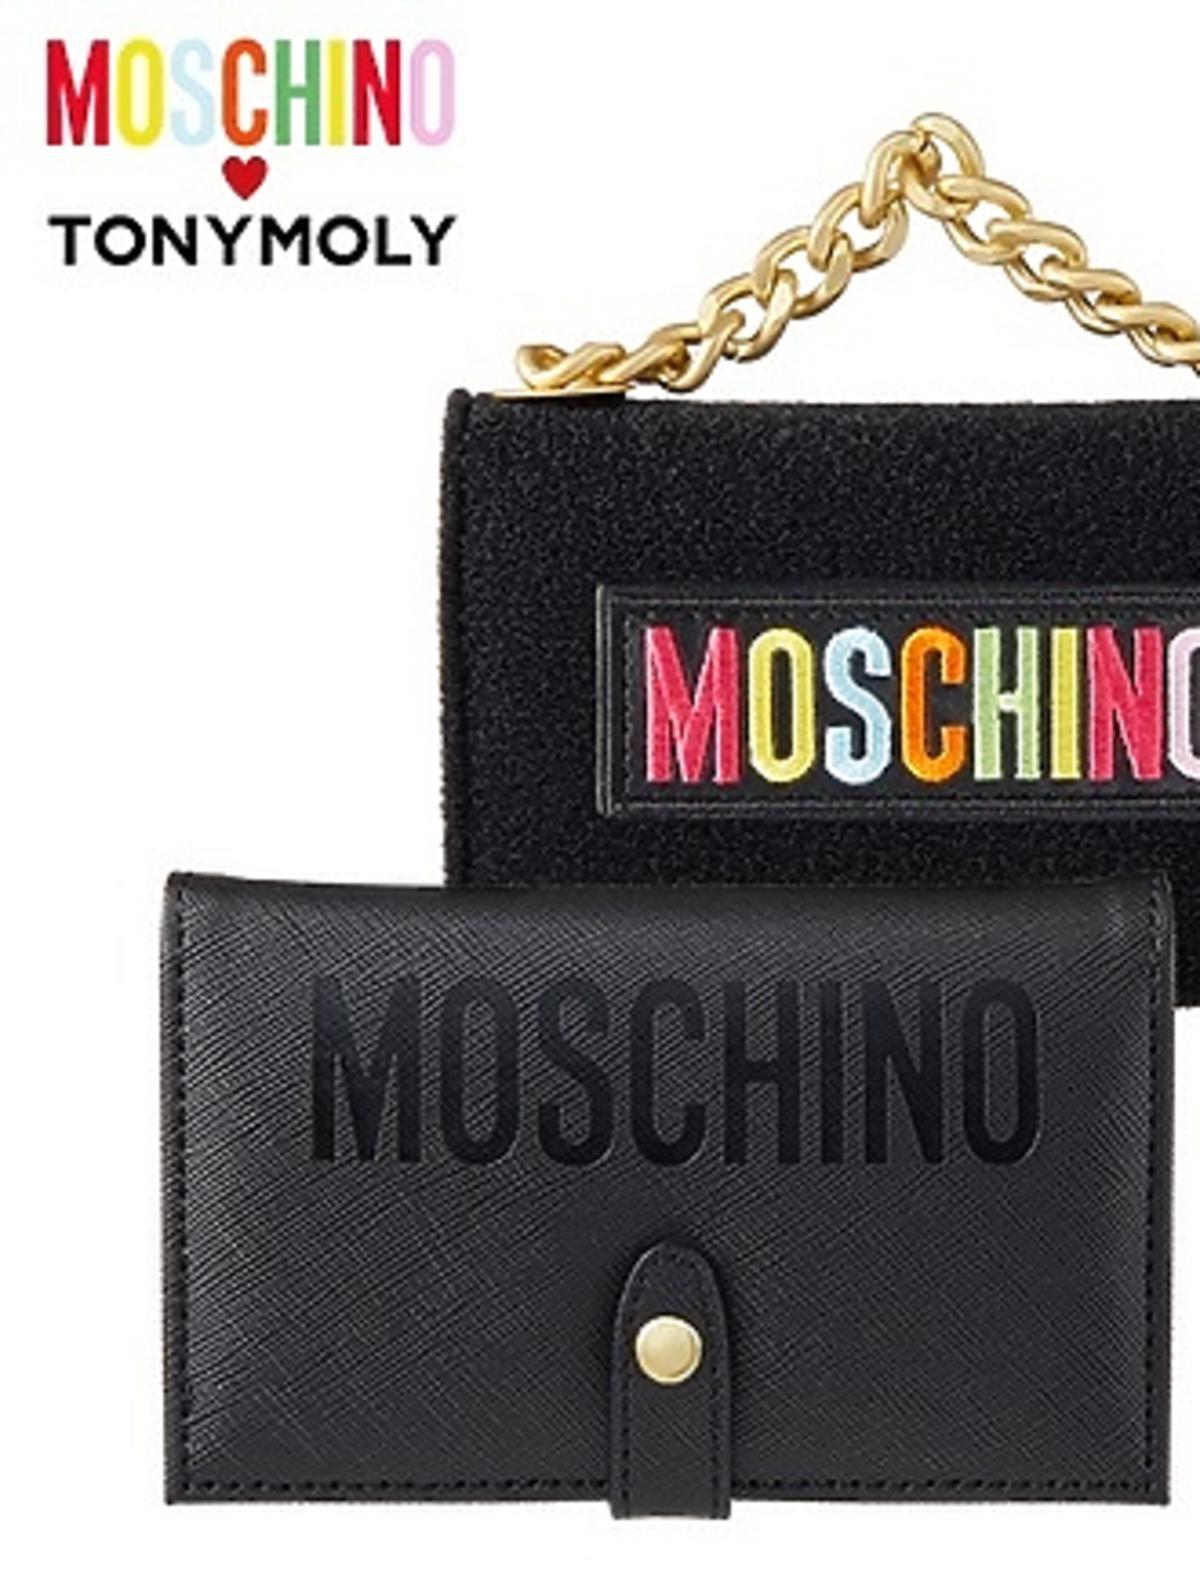 Paleta Soft Glam Eye Palette Tonymoly x Moschino